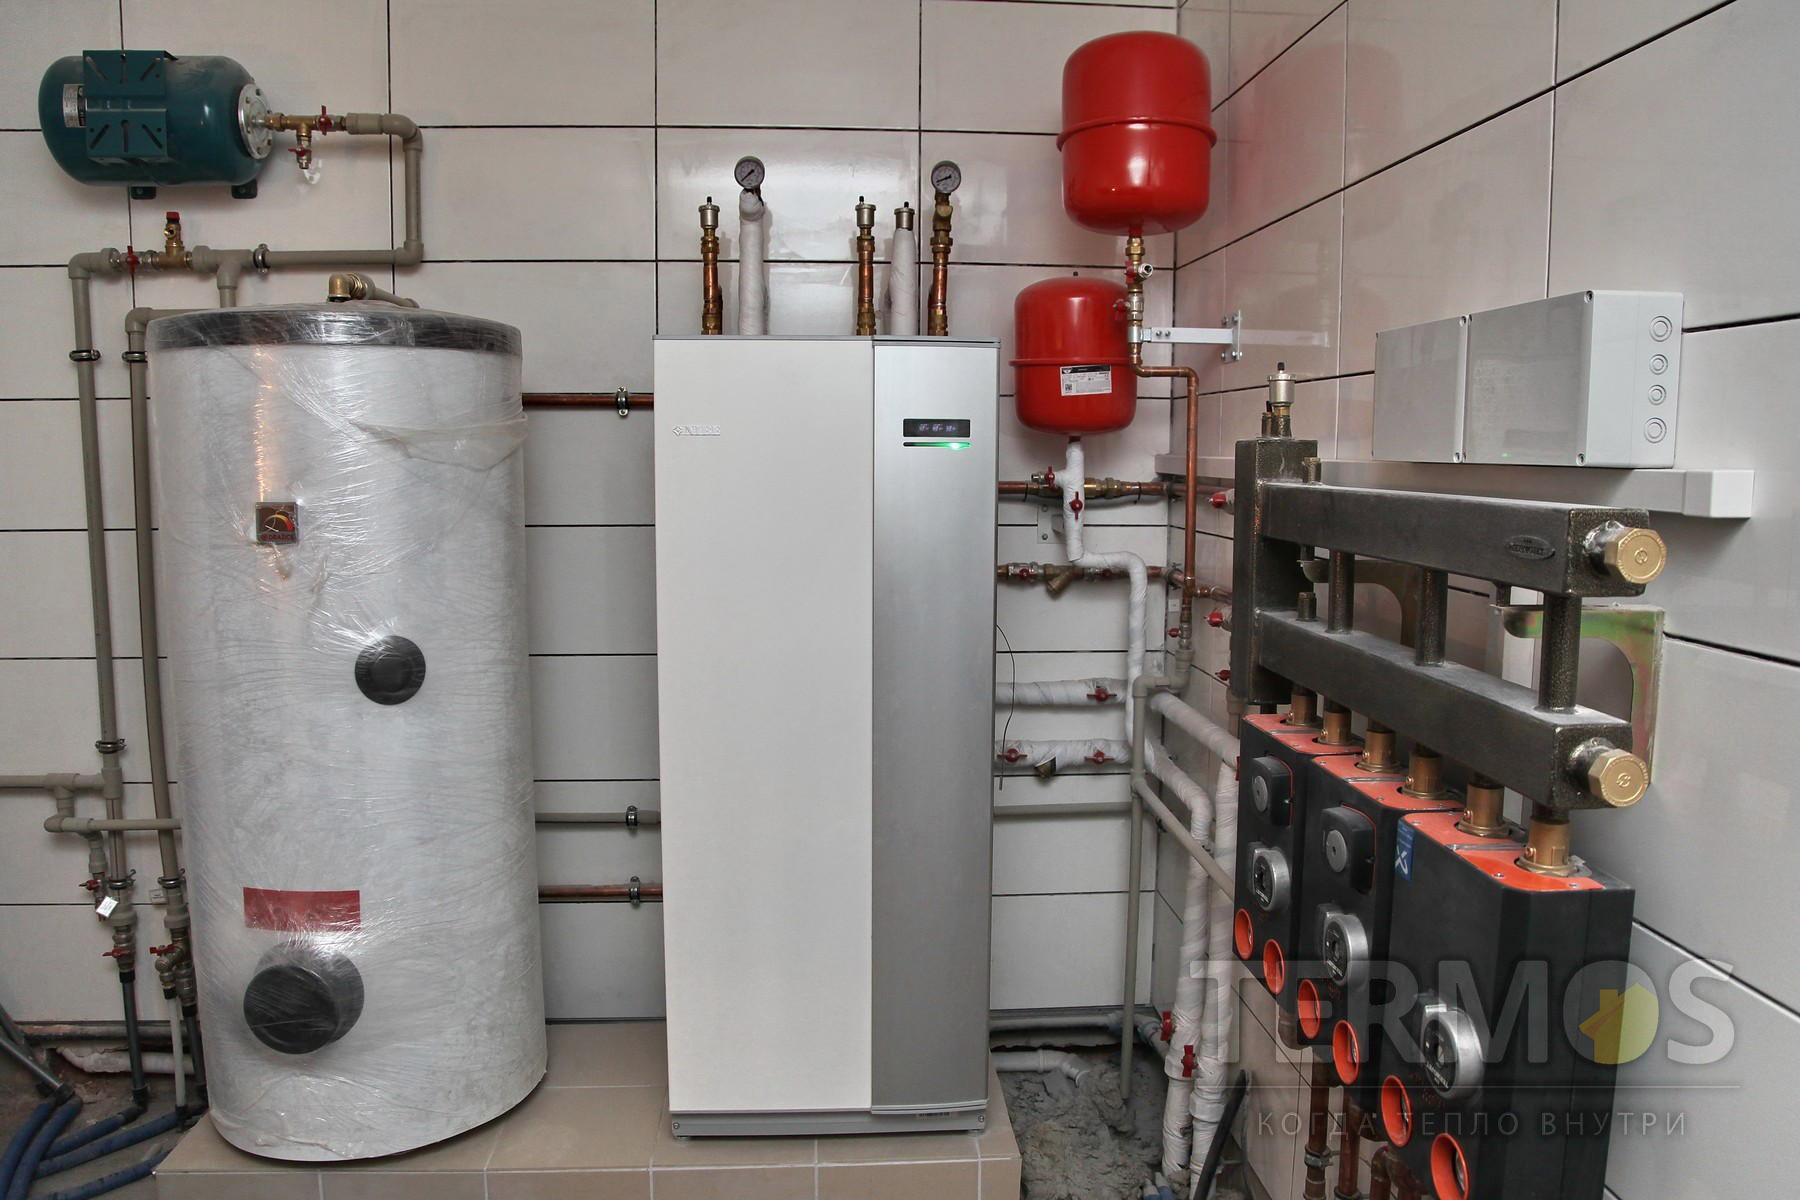 2016 год. Золочи. Дом 240 кв м. Система отопления на геотермальном тепловом насосе NIBE (Швеция) 12 кВт, с 5 скважинами по 50 м